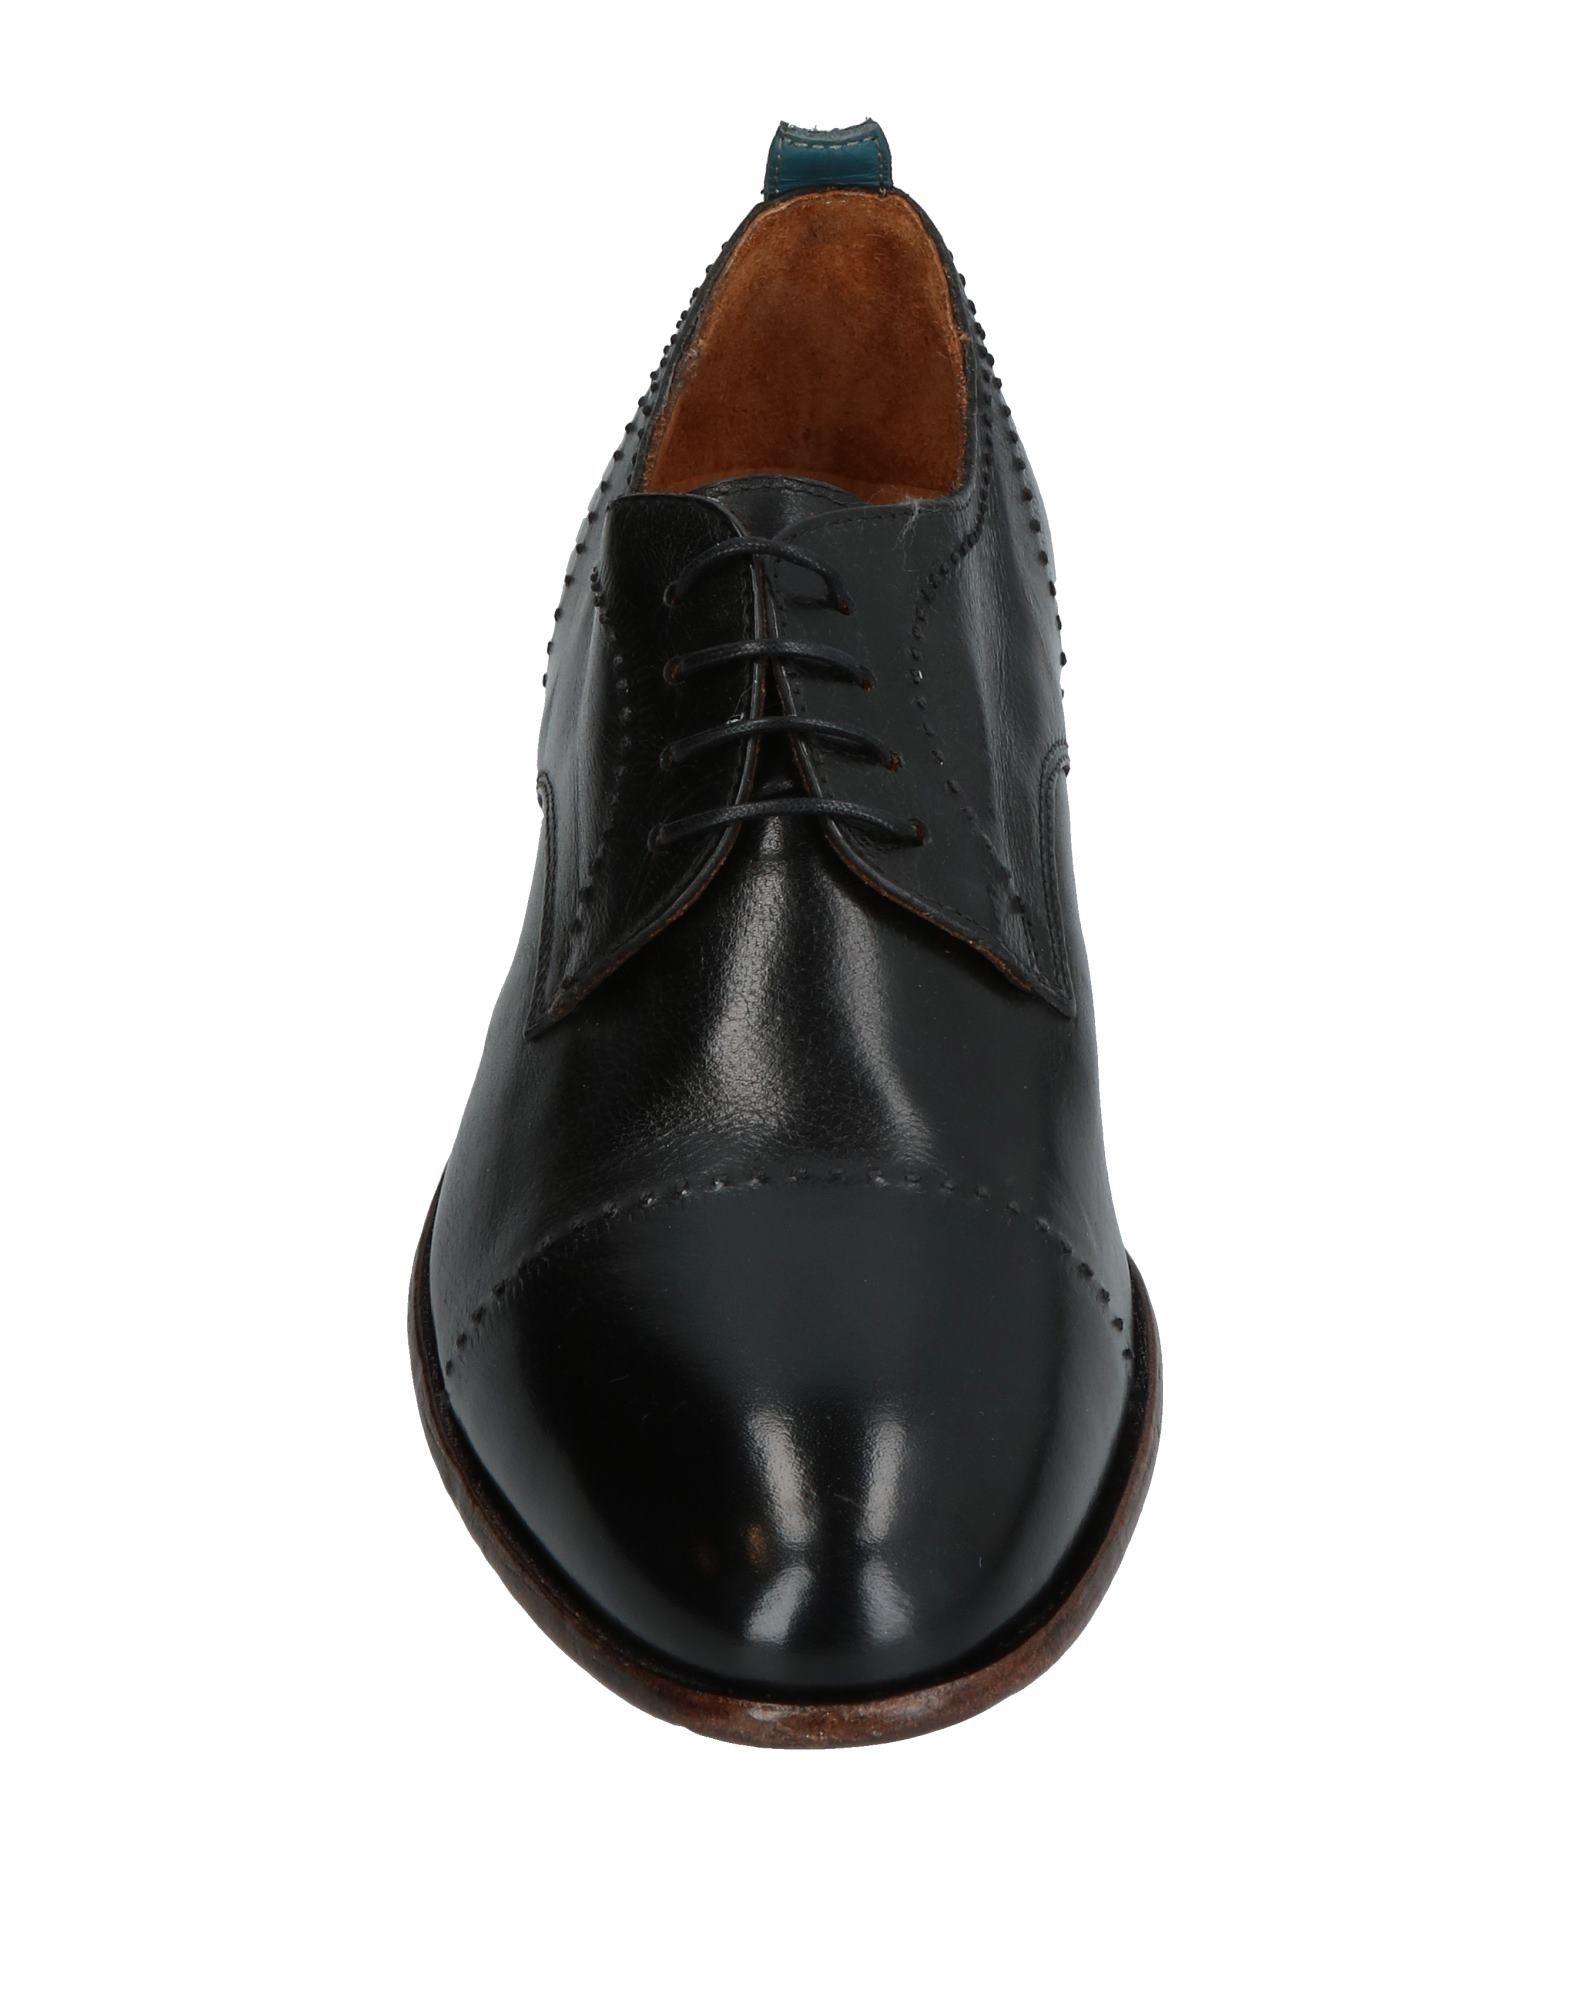 Rabatt echte Schuhe Moma Schnürschuhe Herren  11326788EM 11326788EM  c3c12c